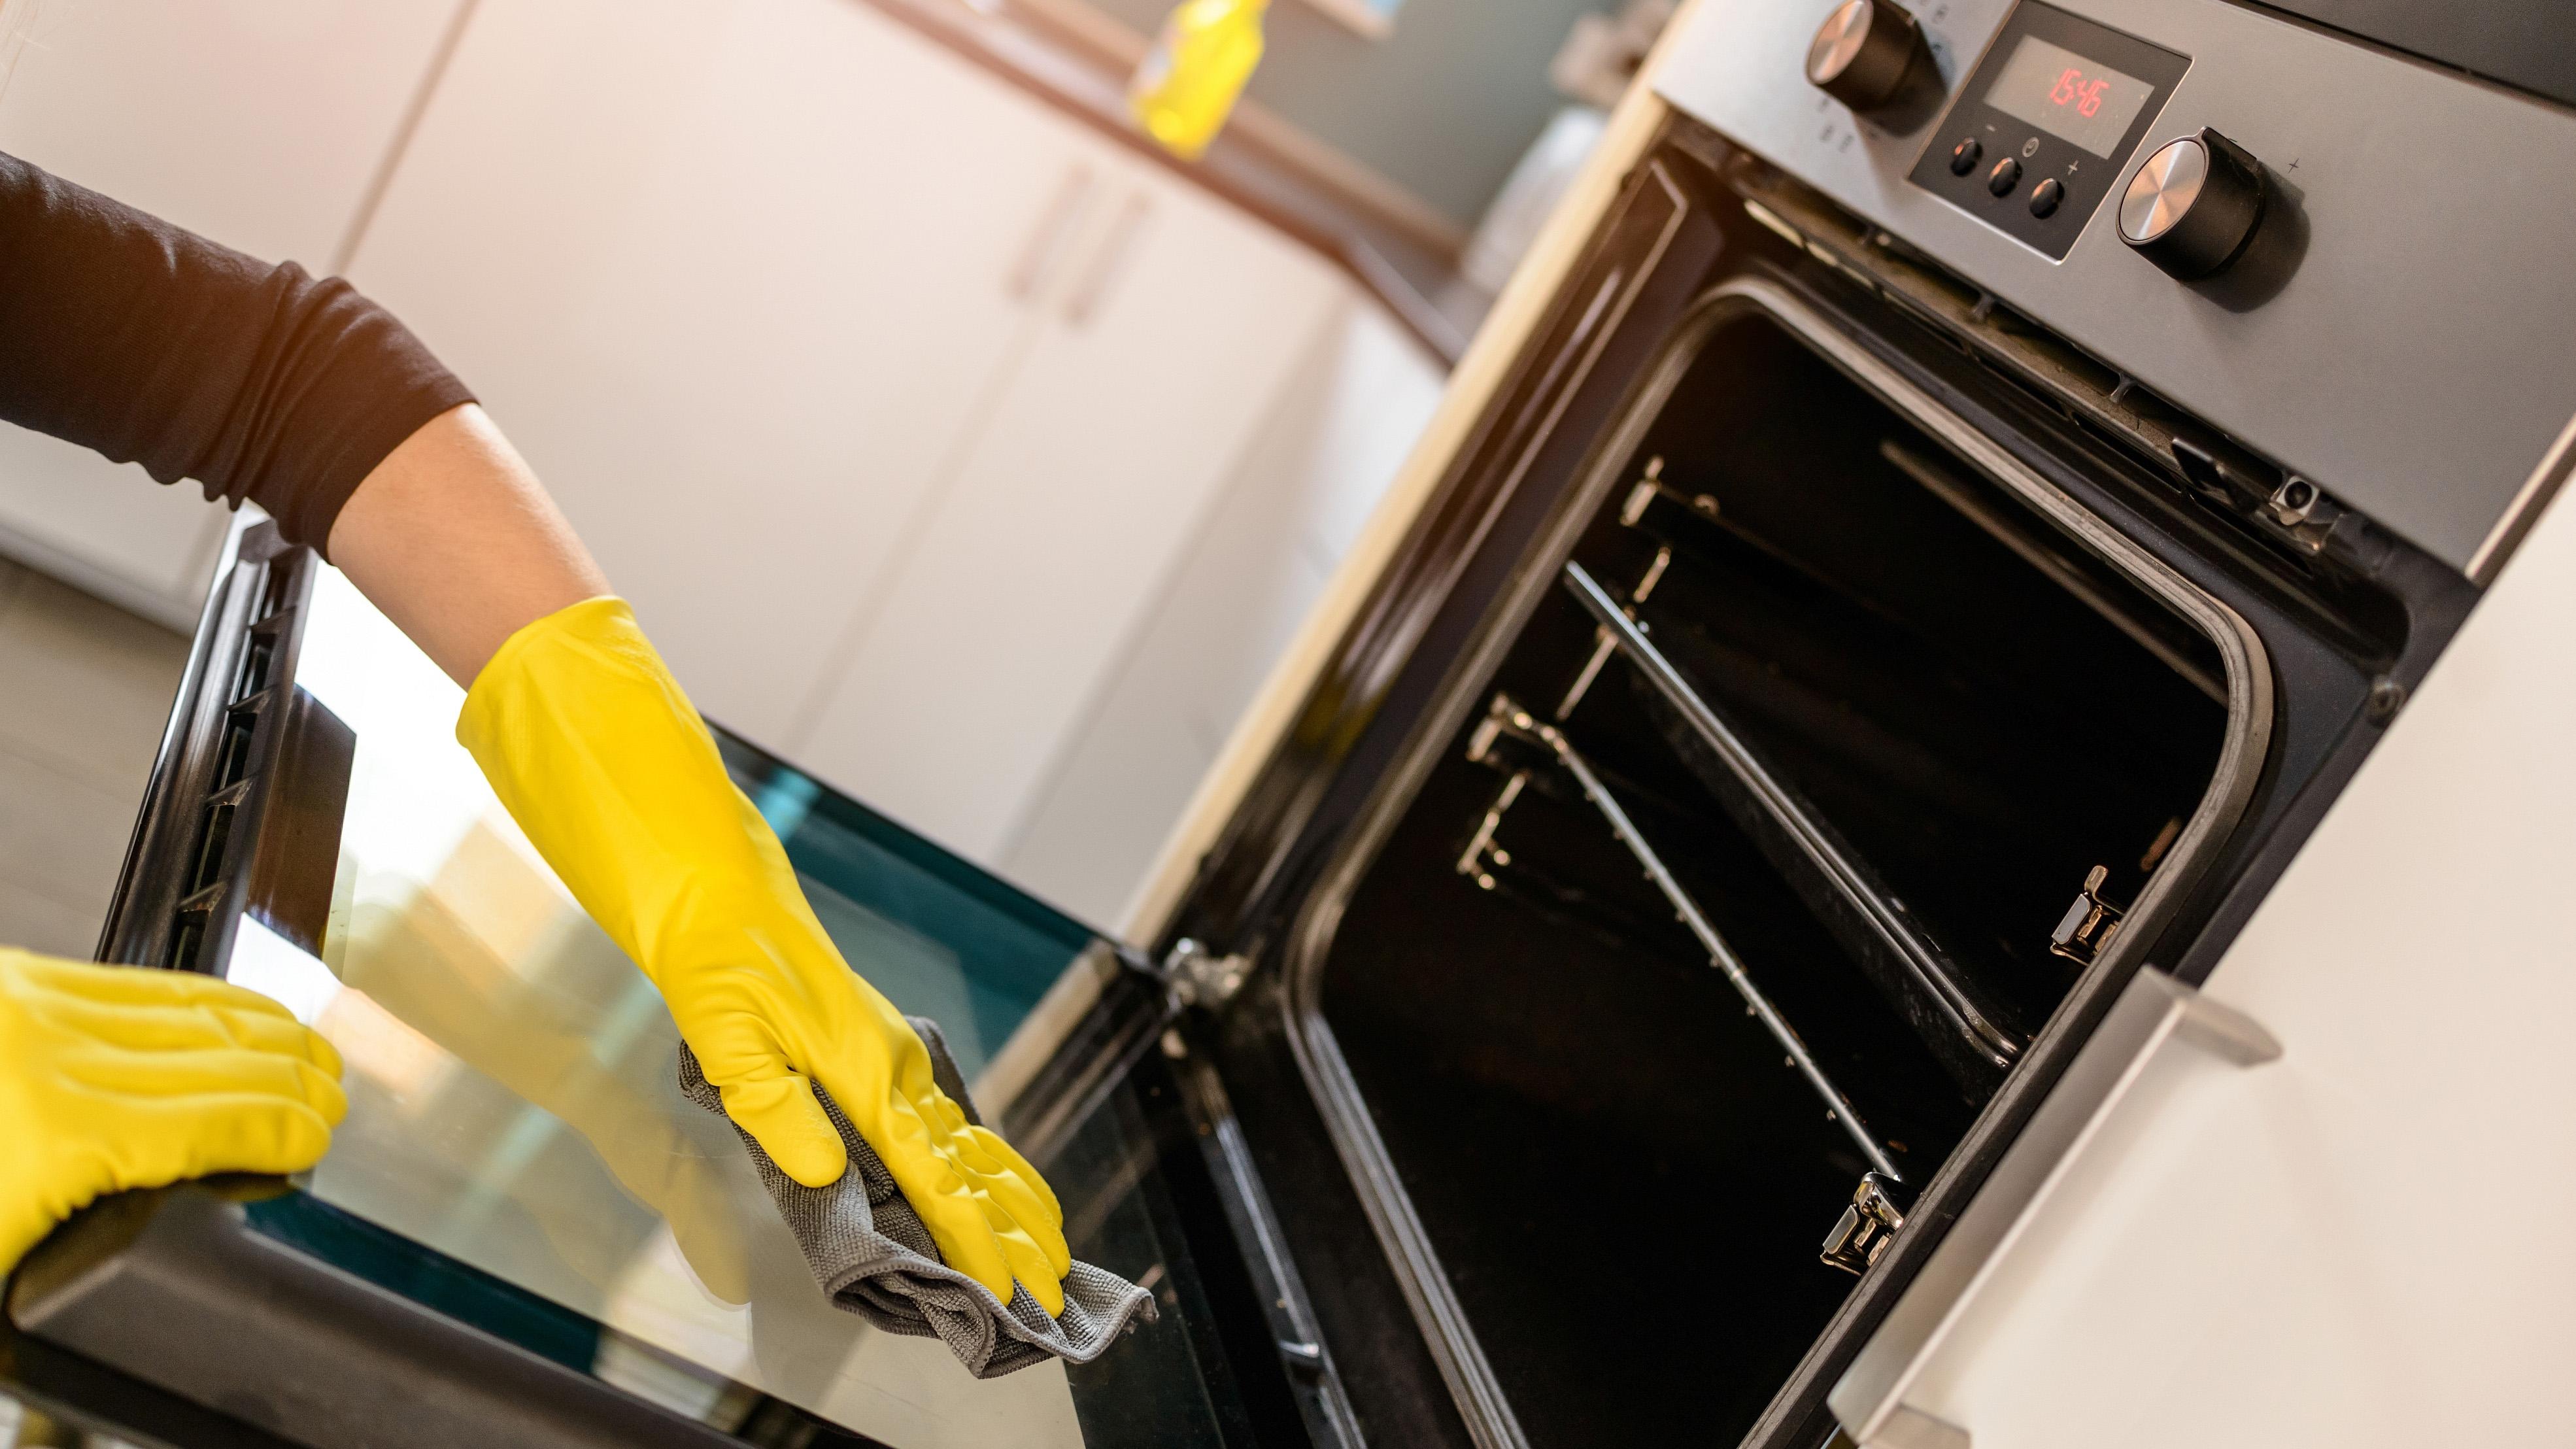 Regelmäßiges Putzen erhält strahlenden Glanz in der Küche und macht Keimen den Garaus.